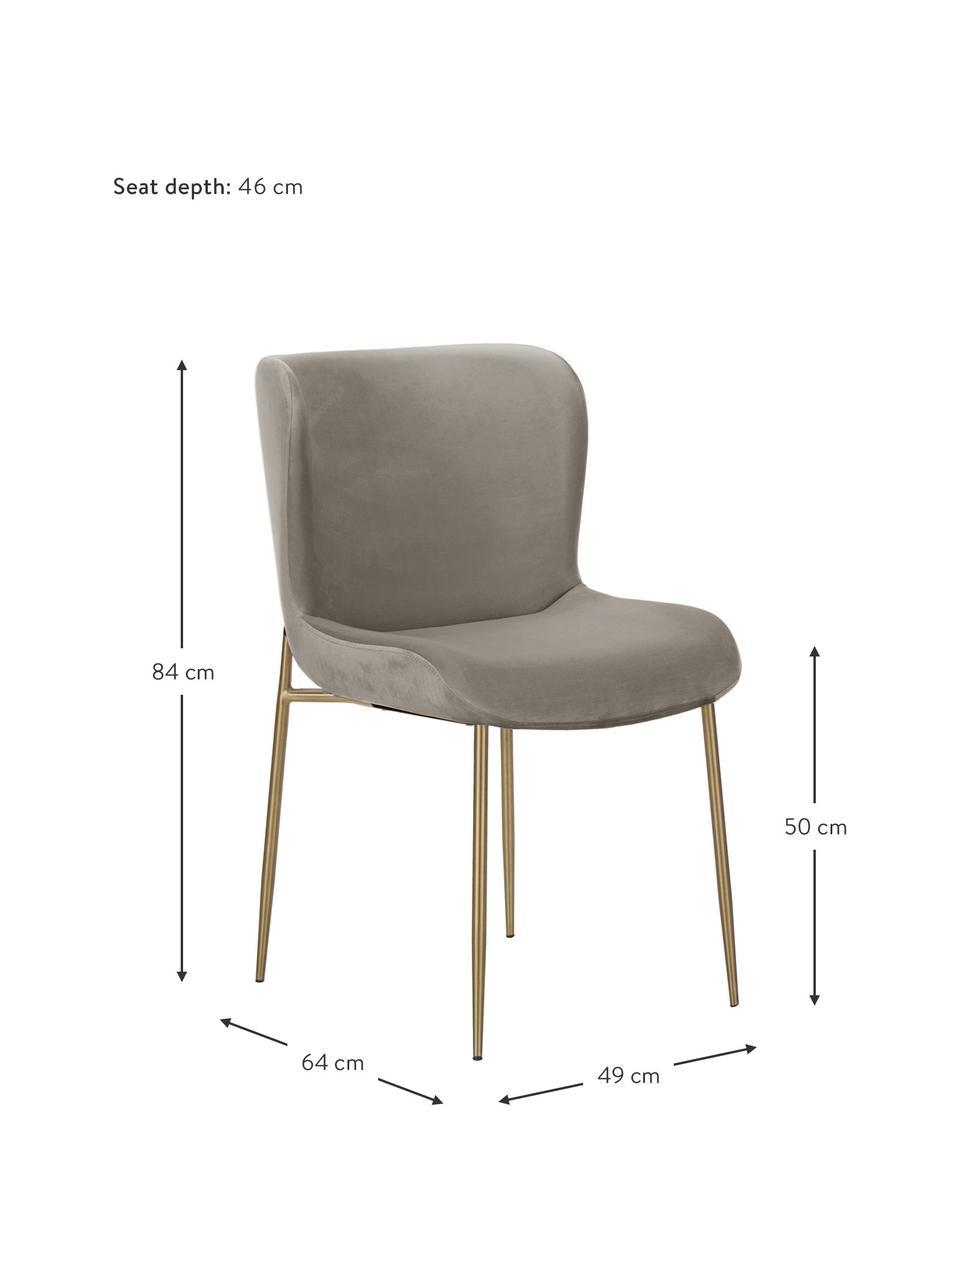 Samt-Polsterstuhl Tess in Taupe, Bezug: Samt (Polyester) Der hoch, Beine: Metall, pulverbeschichtet, Samt Taupe, Gold, 49 x 84 cm